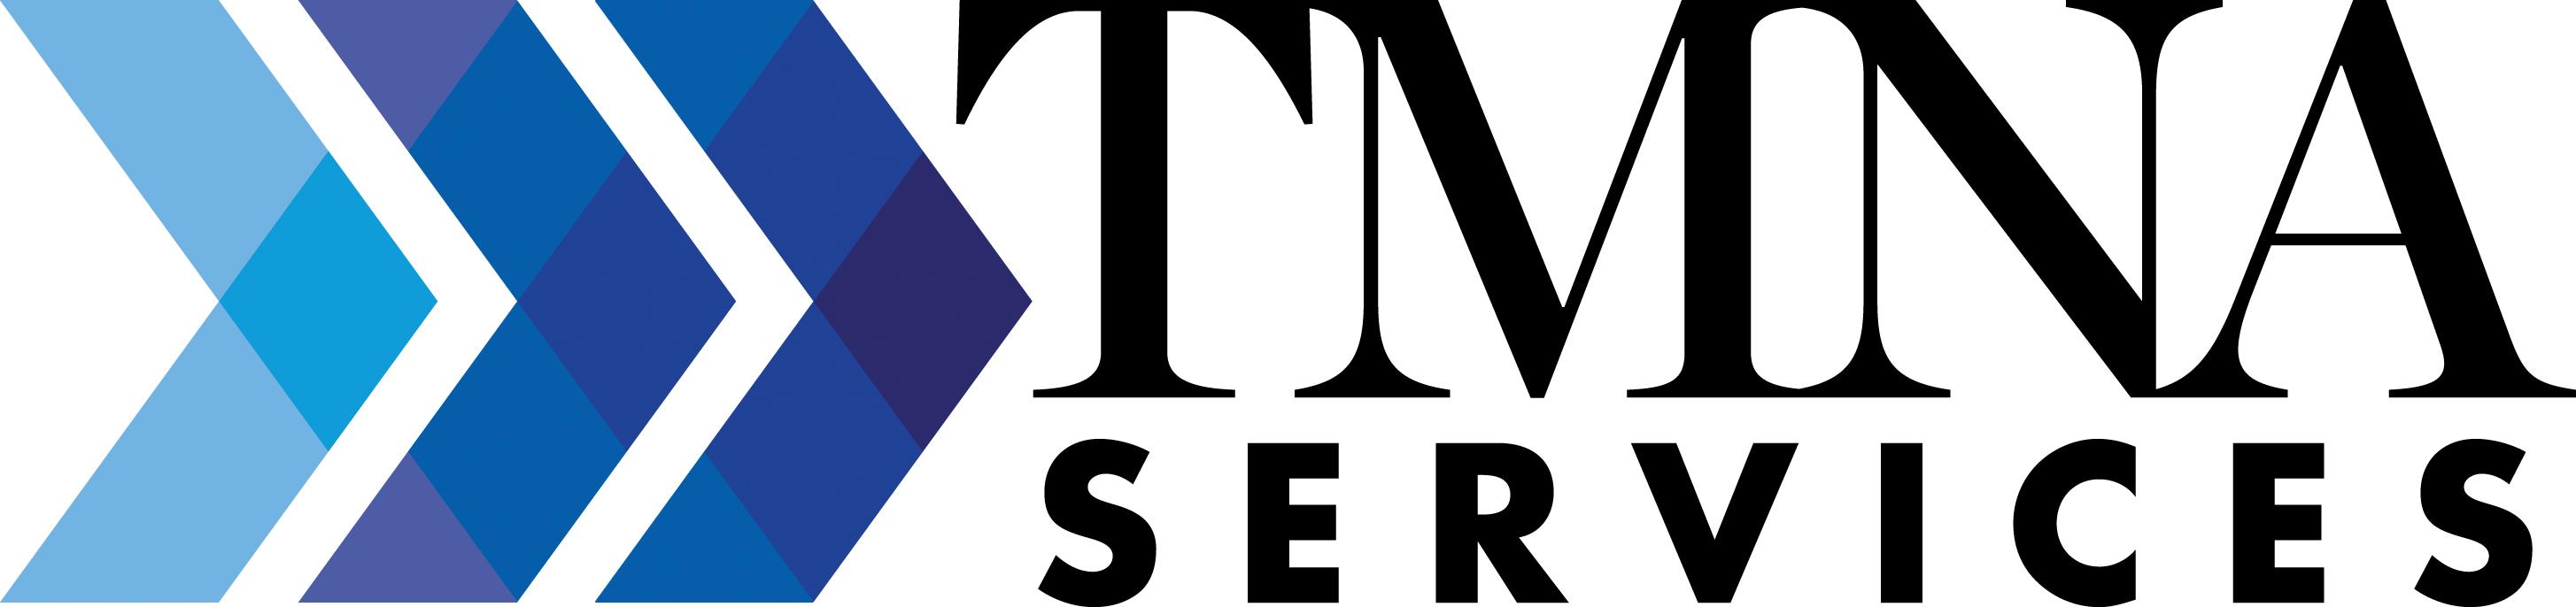 TMNA Services, LLC Company Logo